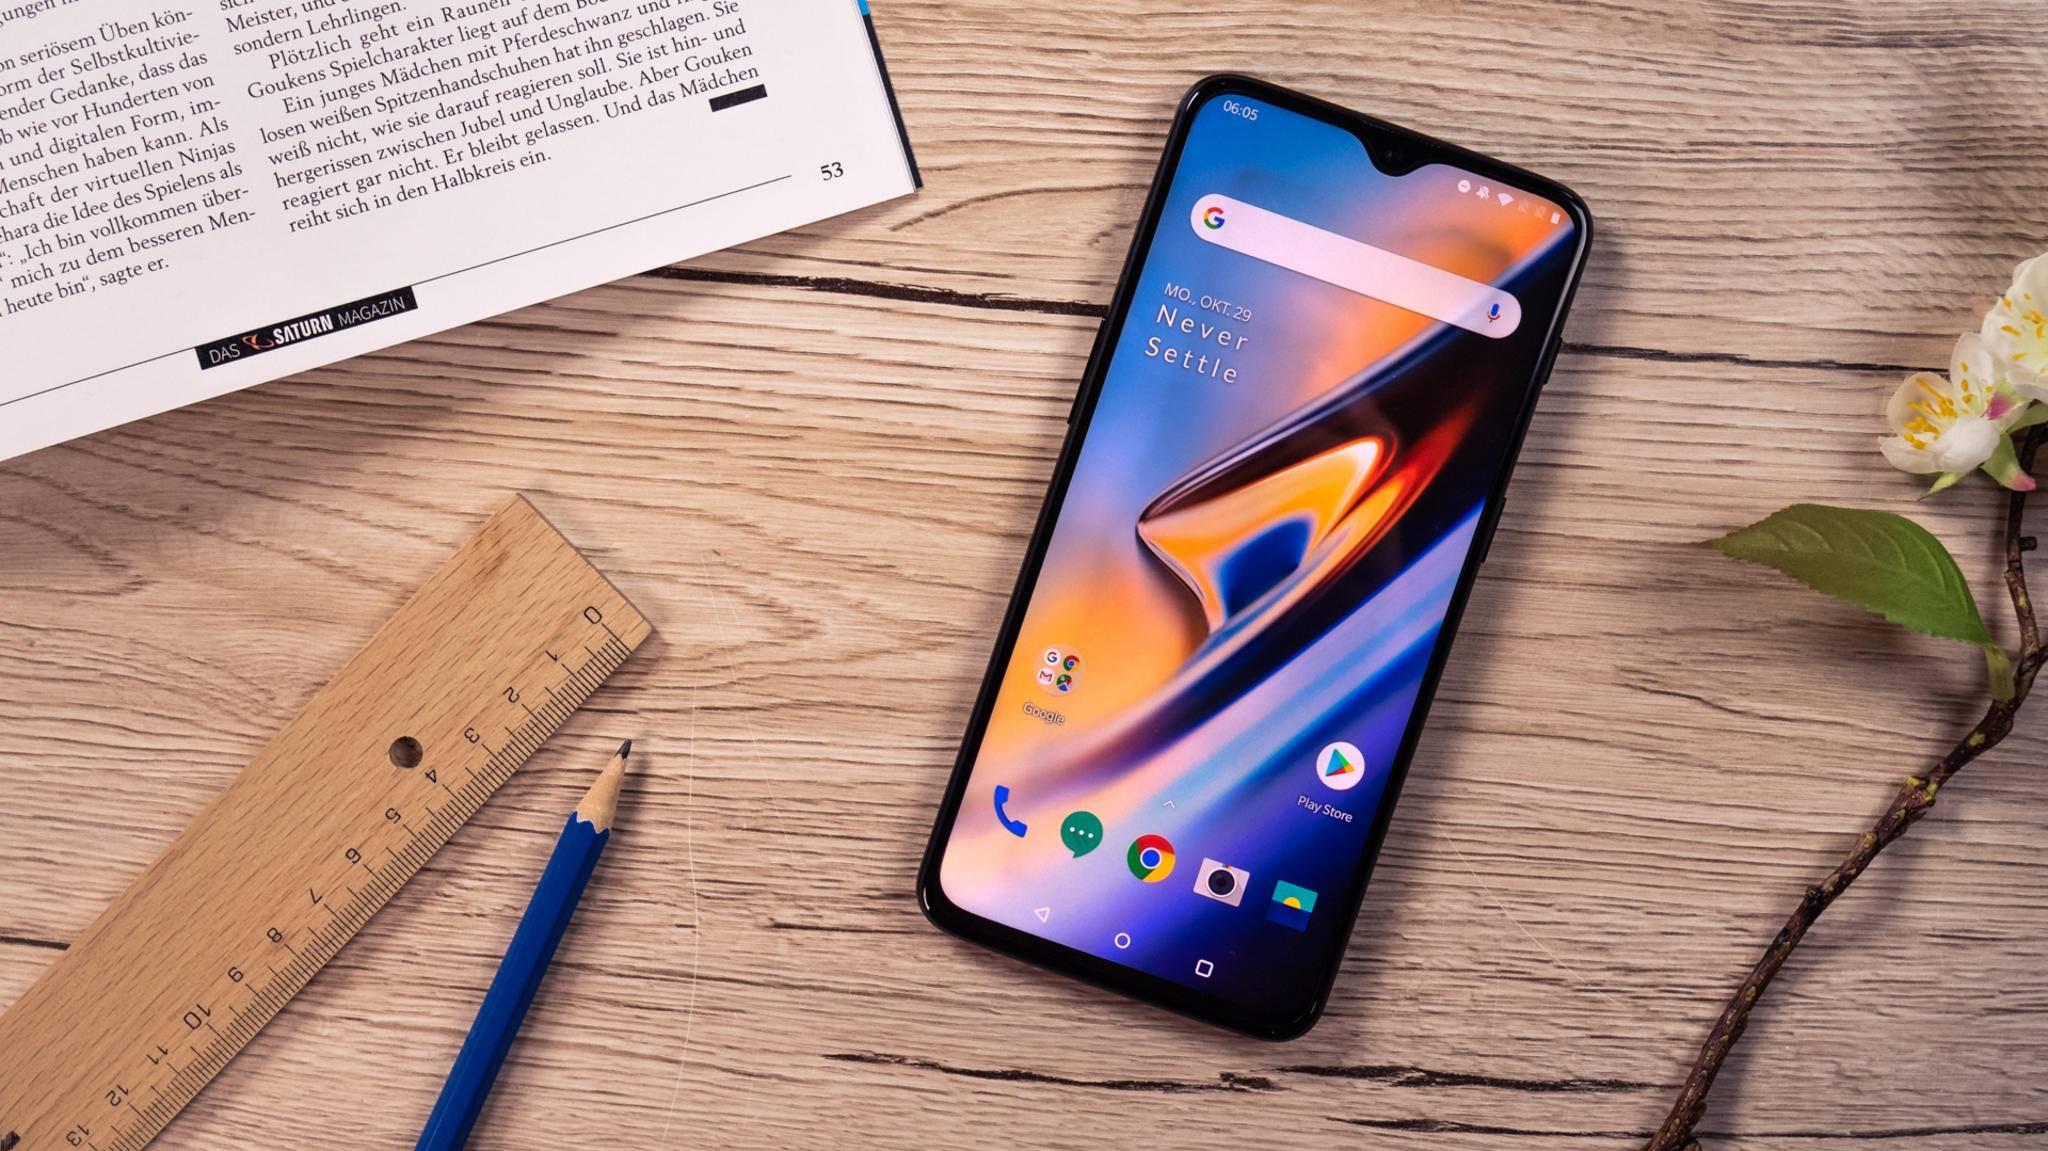 Das erste 5G-Smartphone in Europa könnte sehr teuer werden.